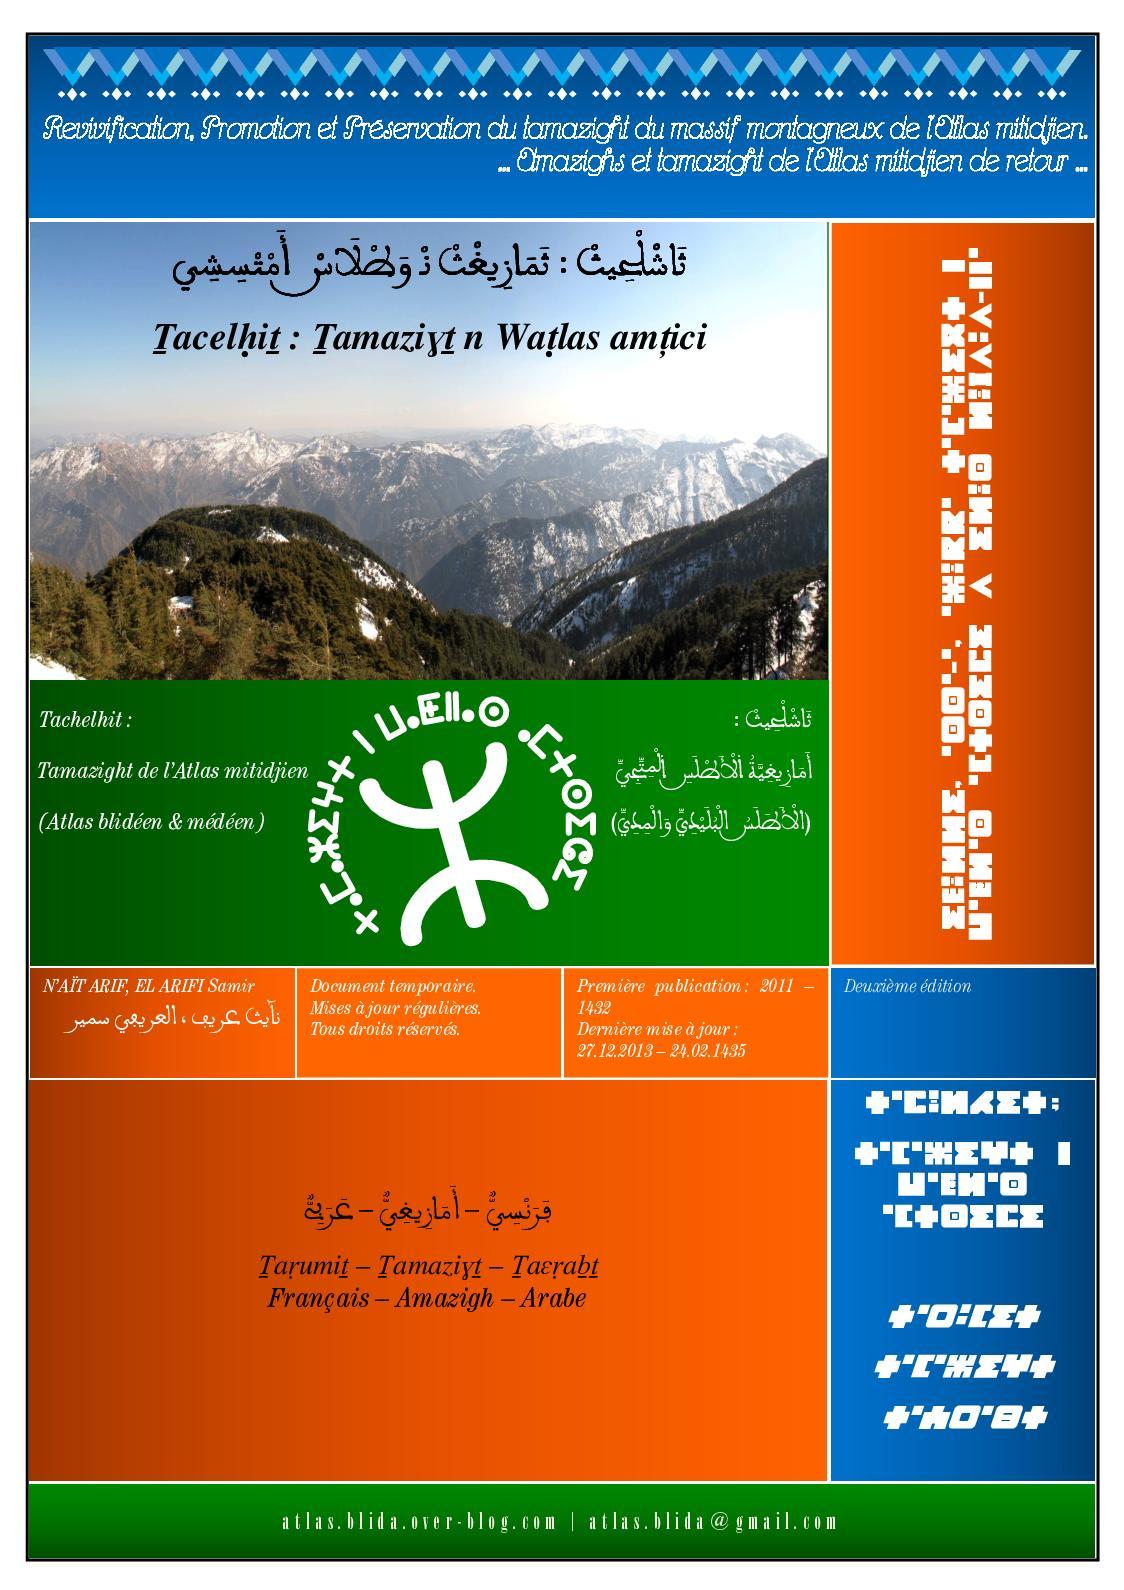 Aménagement Jardin En Pente Douce Beau Calaméo Tamazight atlas Blida Mtidja Algeria Of 52 Élégant Aménagement Jardin En Pente Douce